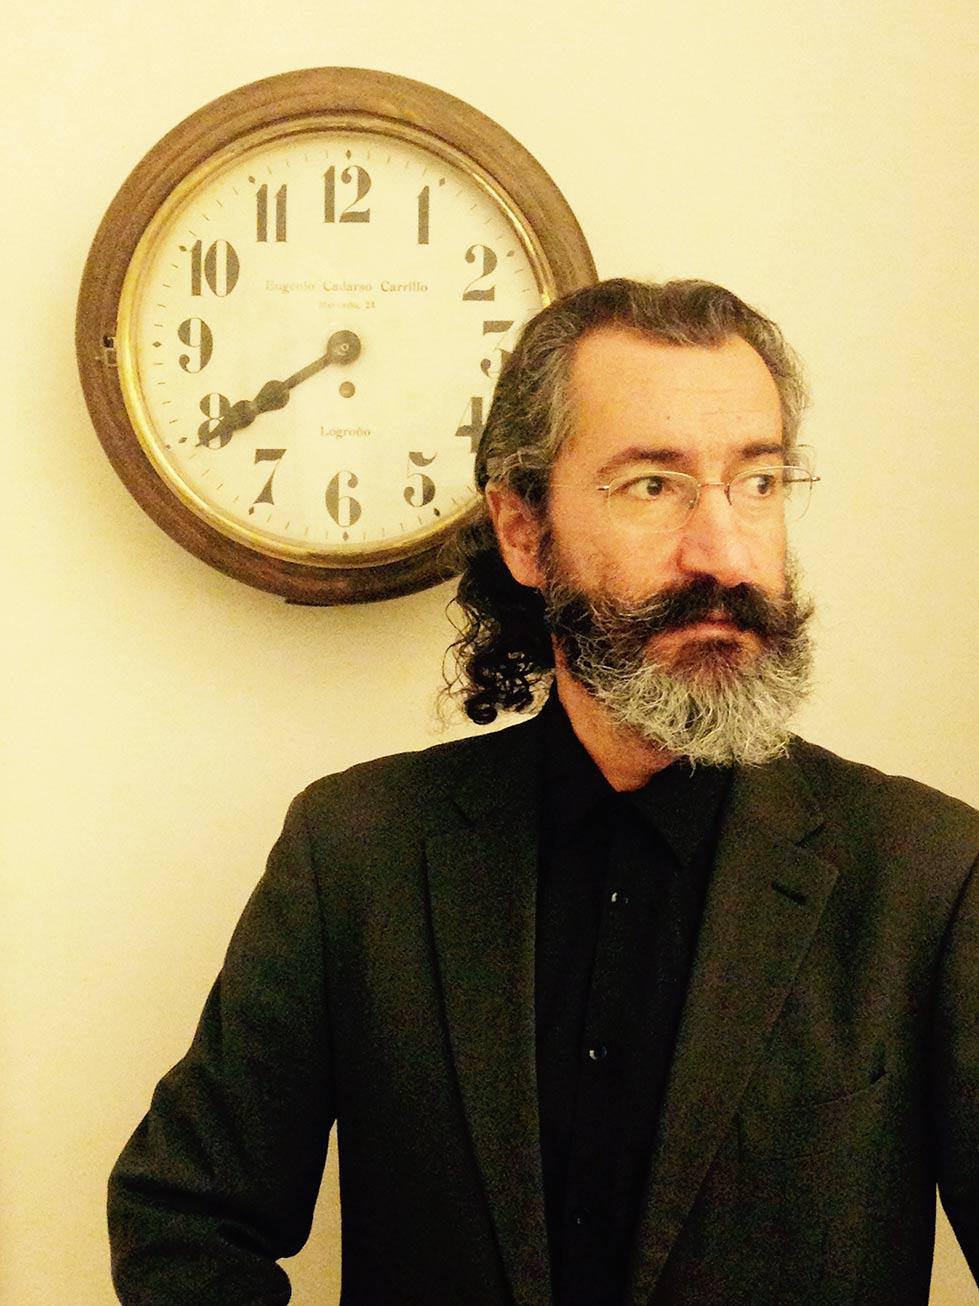 Raúl Fernández Calleja